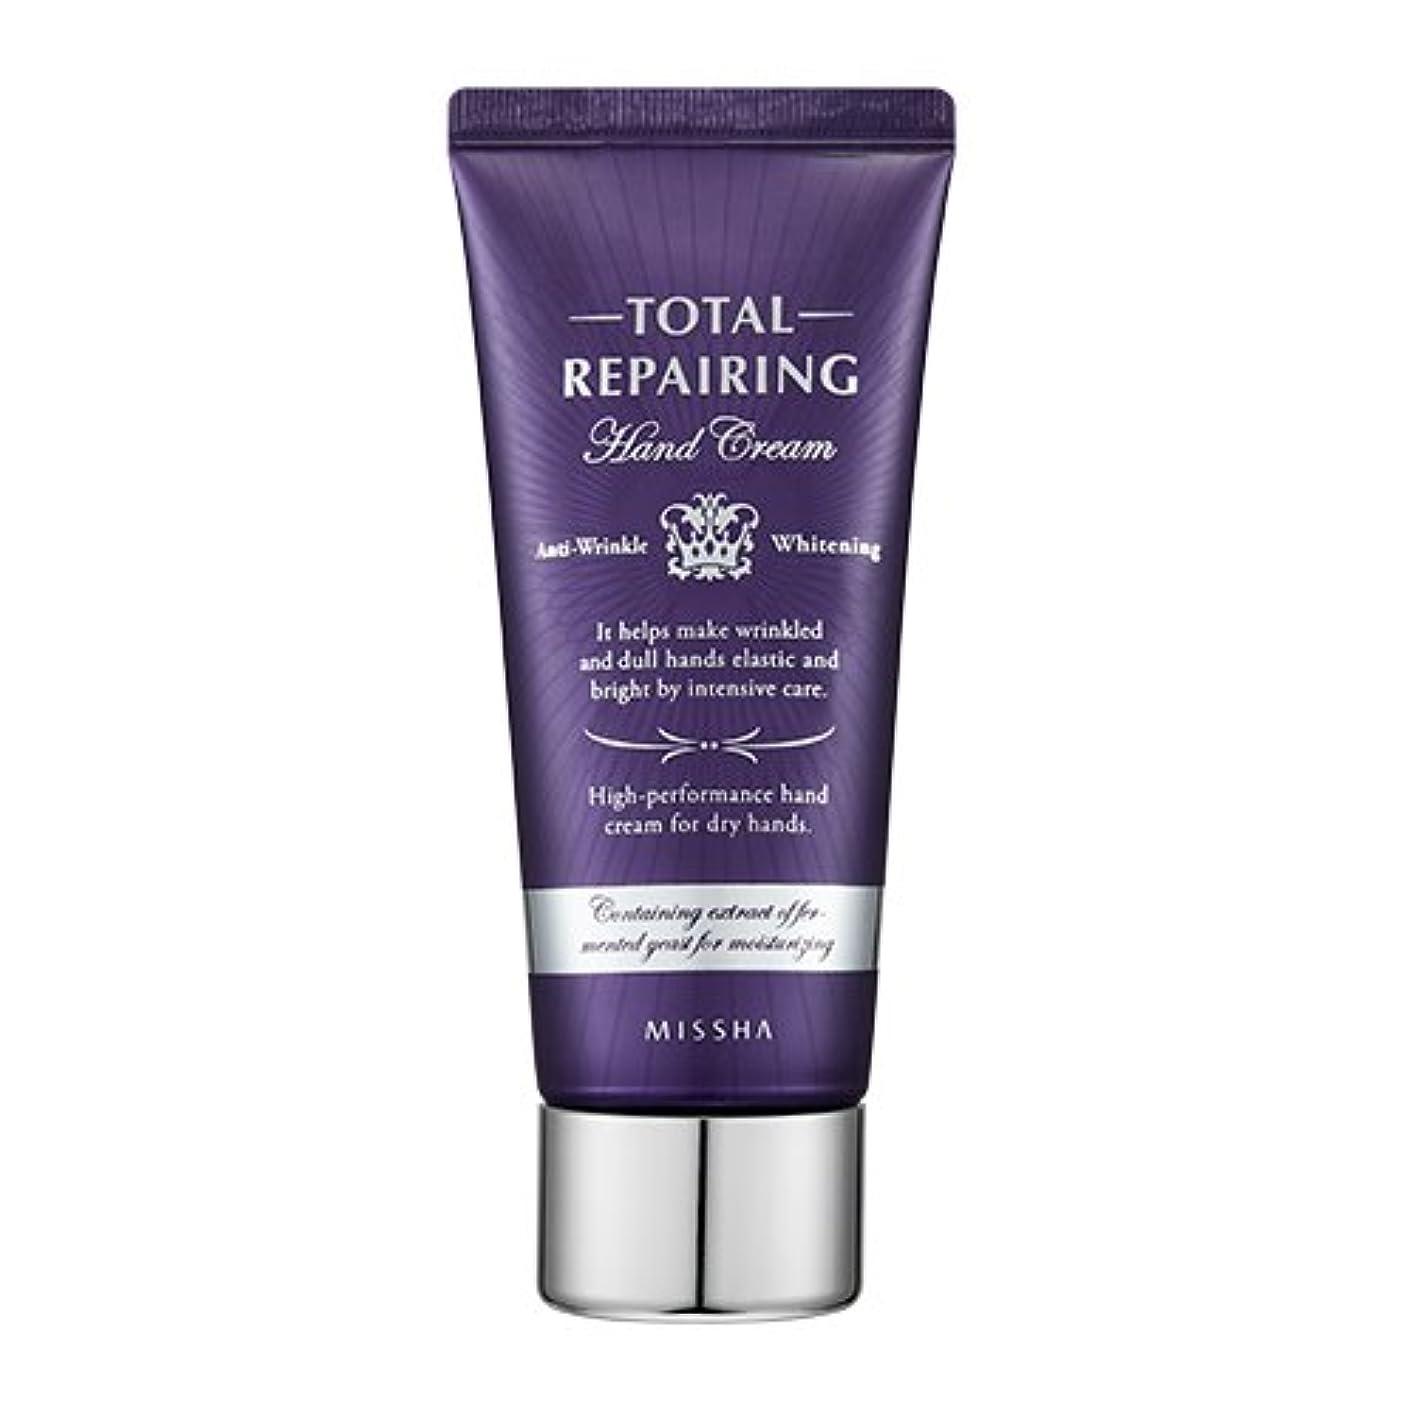 スチールファイターポジティブMISSHA Total Repairing Hand Cream 60ml/ミシャ トータル リペアリング ハンドクリーム 60ml